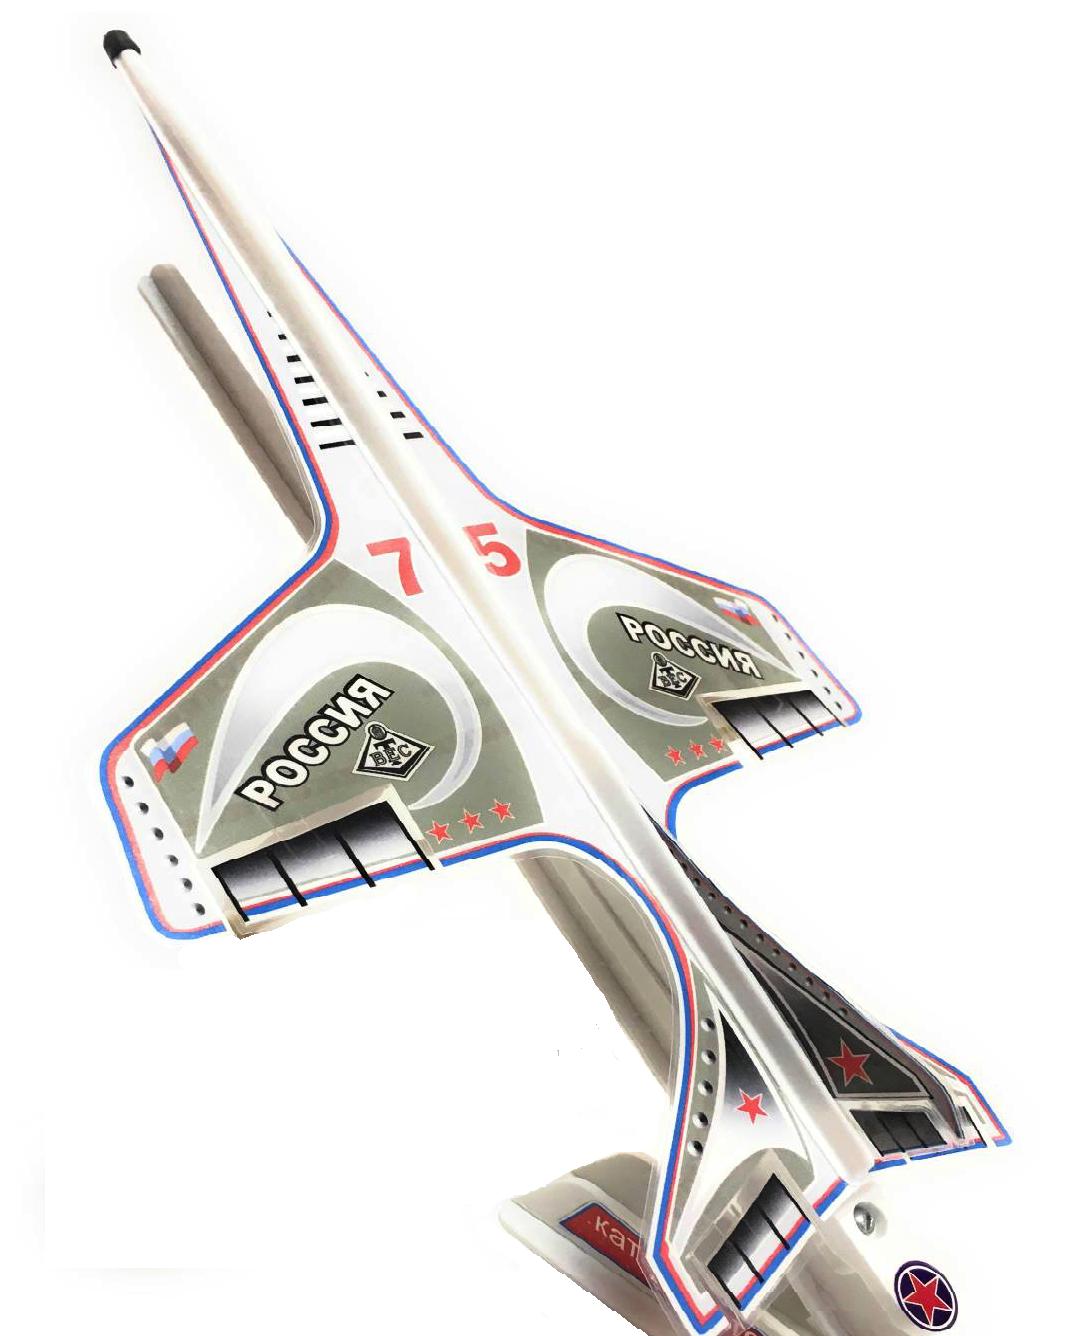 СтрижМодель летает прямо, по кругу и делает петлю Нестерова!Текст руководства по эксплуатации нанесен на блистерную тару.Прекрасная игрушка для юных и взрослых любителей авиации!